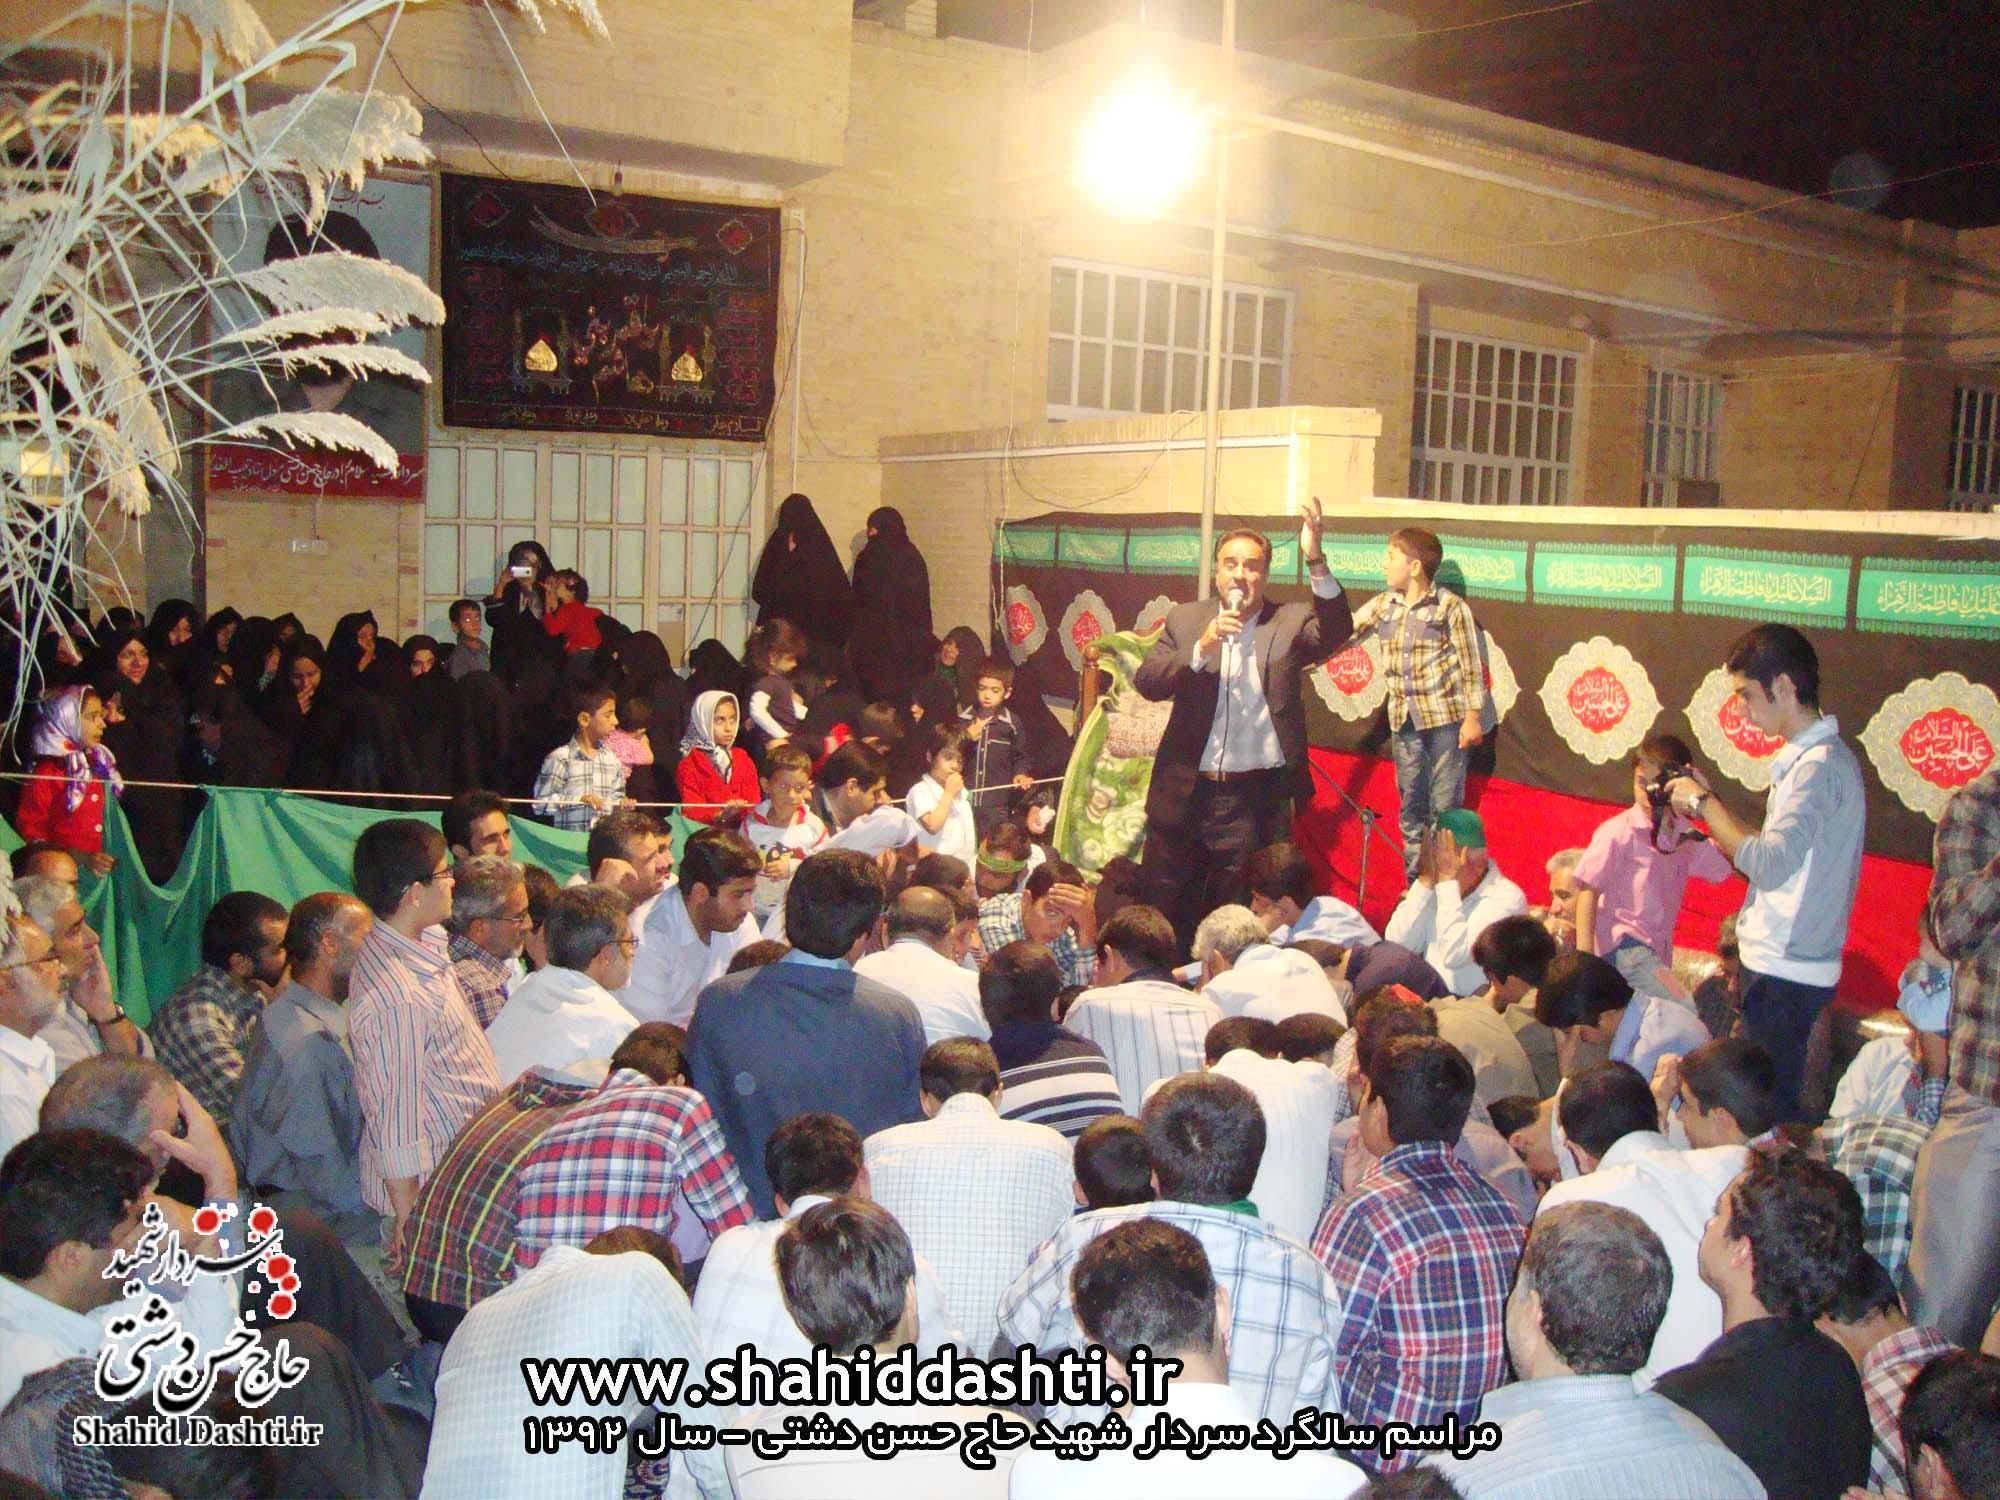 تصاویری از مراسم سالگرد سردار شهید حاج حسن دشتی سال ۹۲